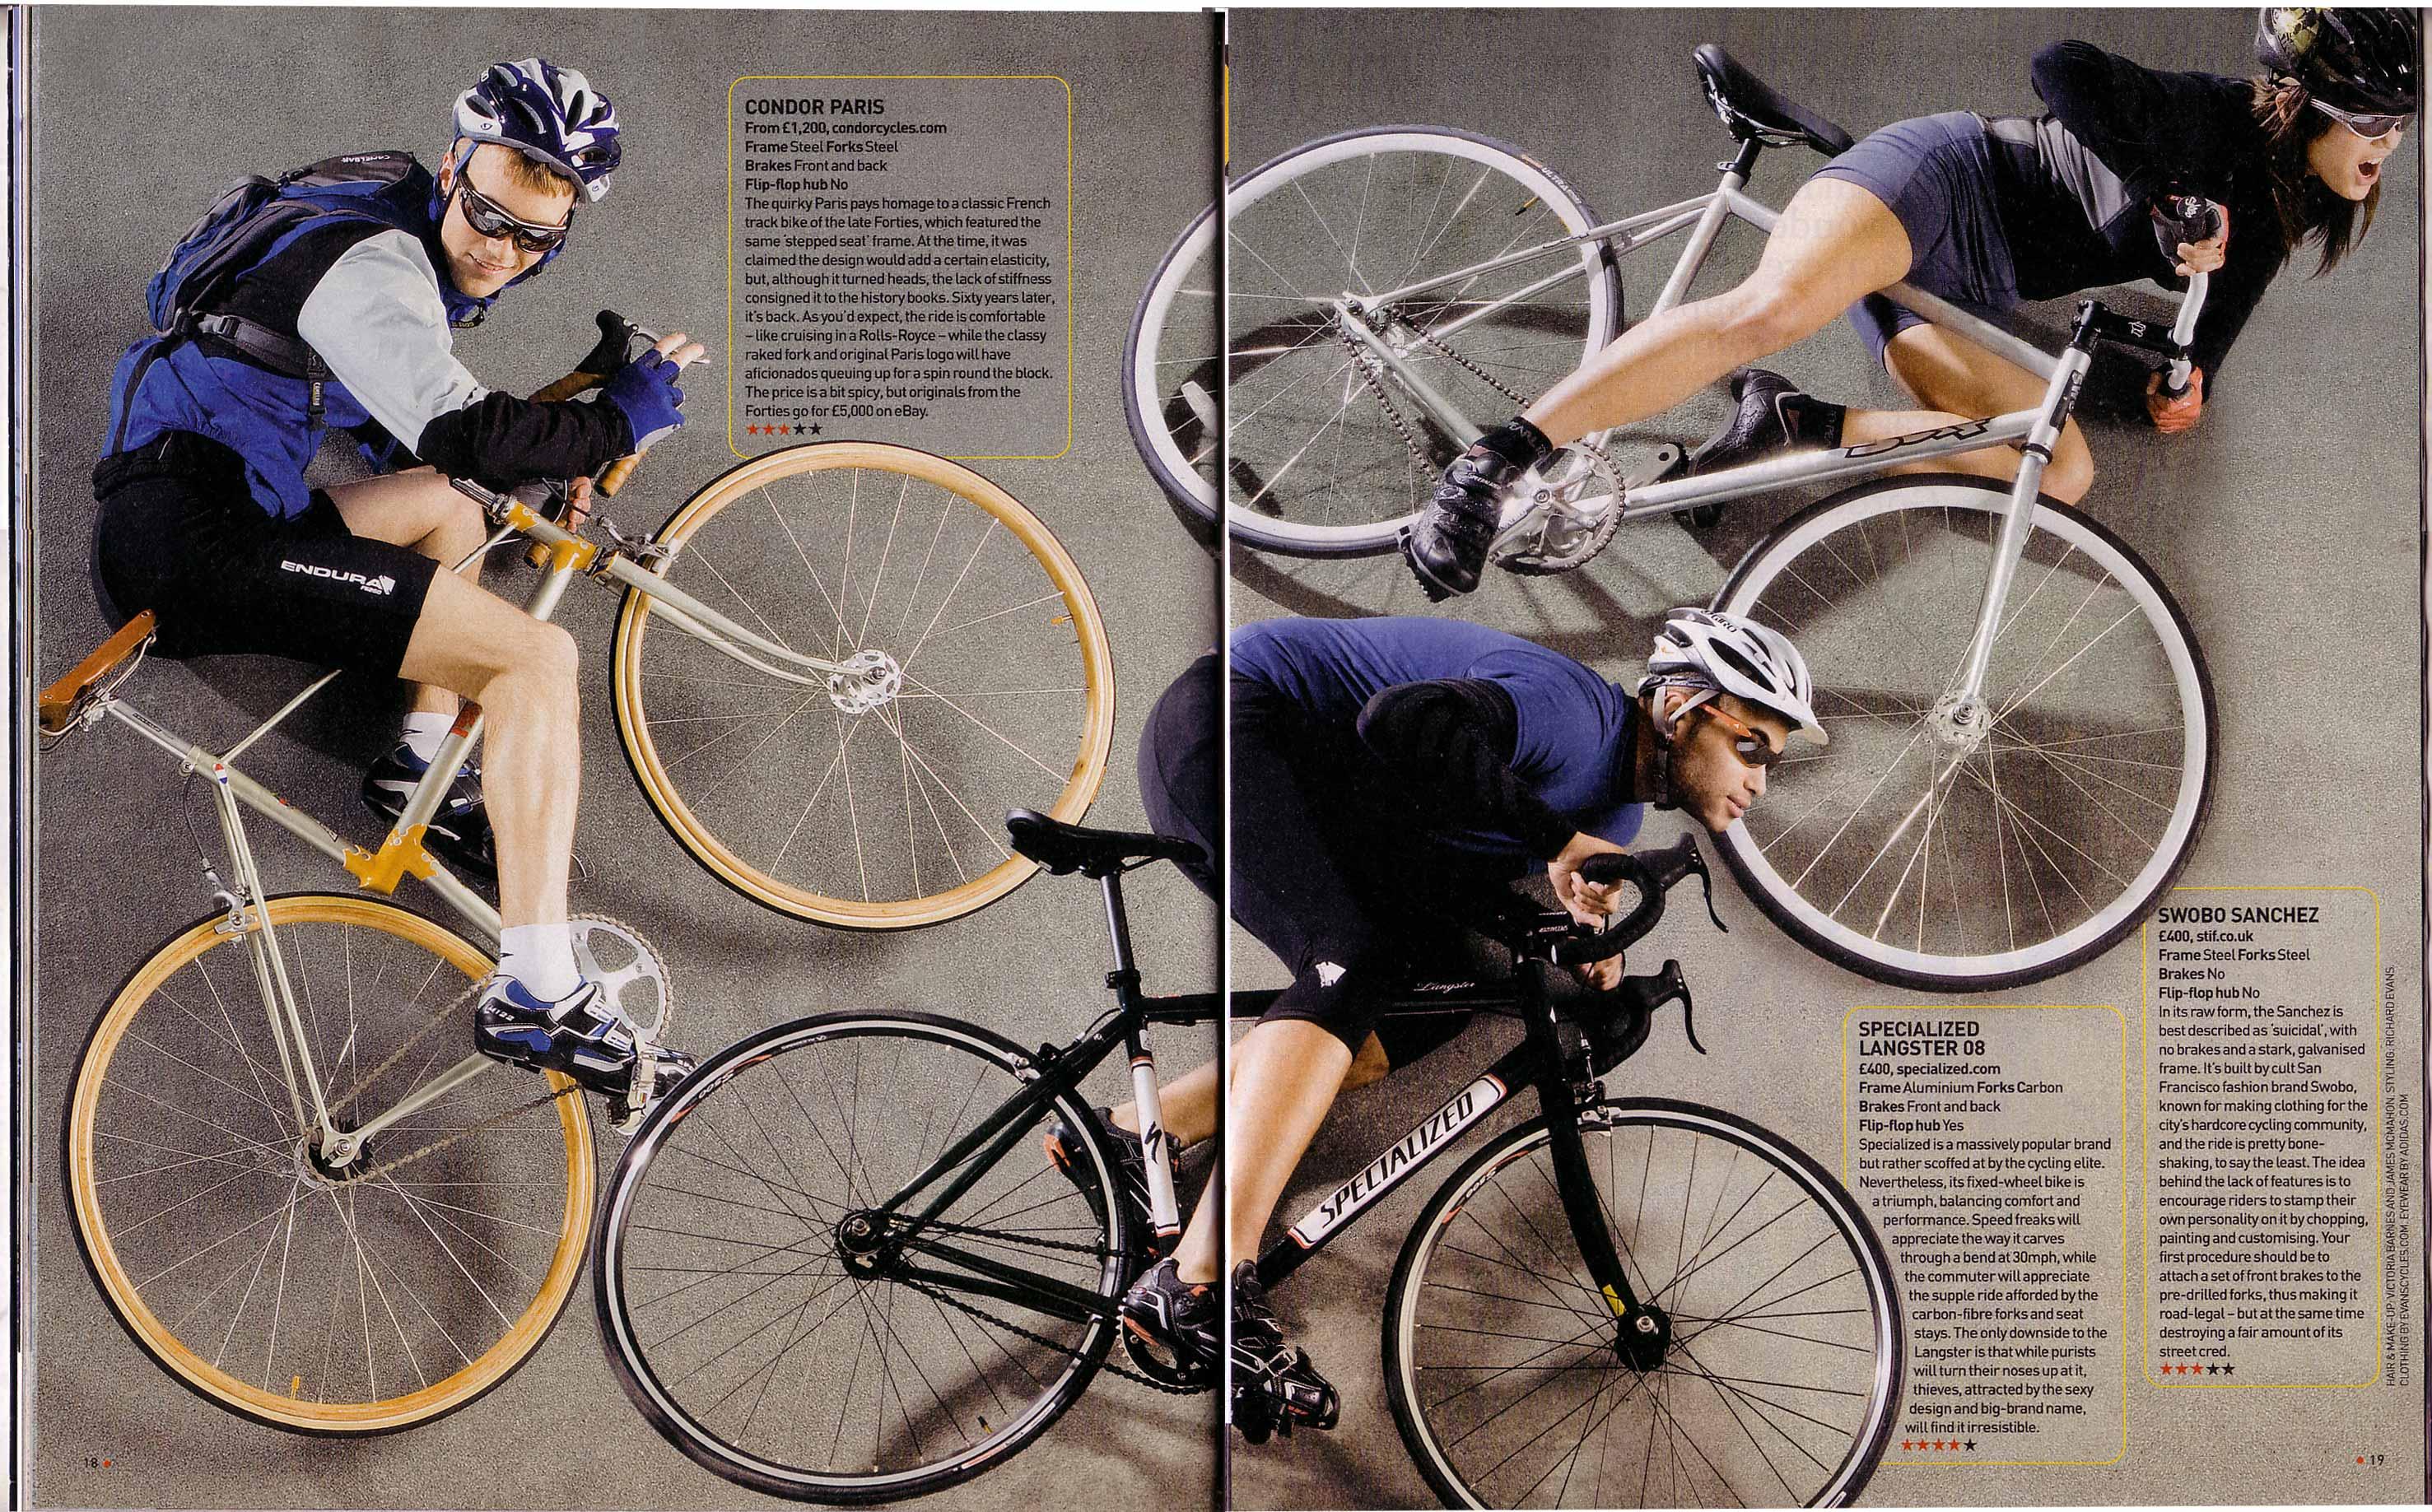 Bike Porn: Bike Porn - Picture Heavy